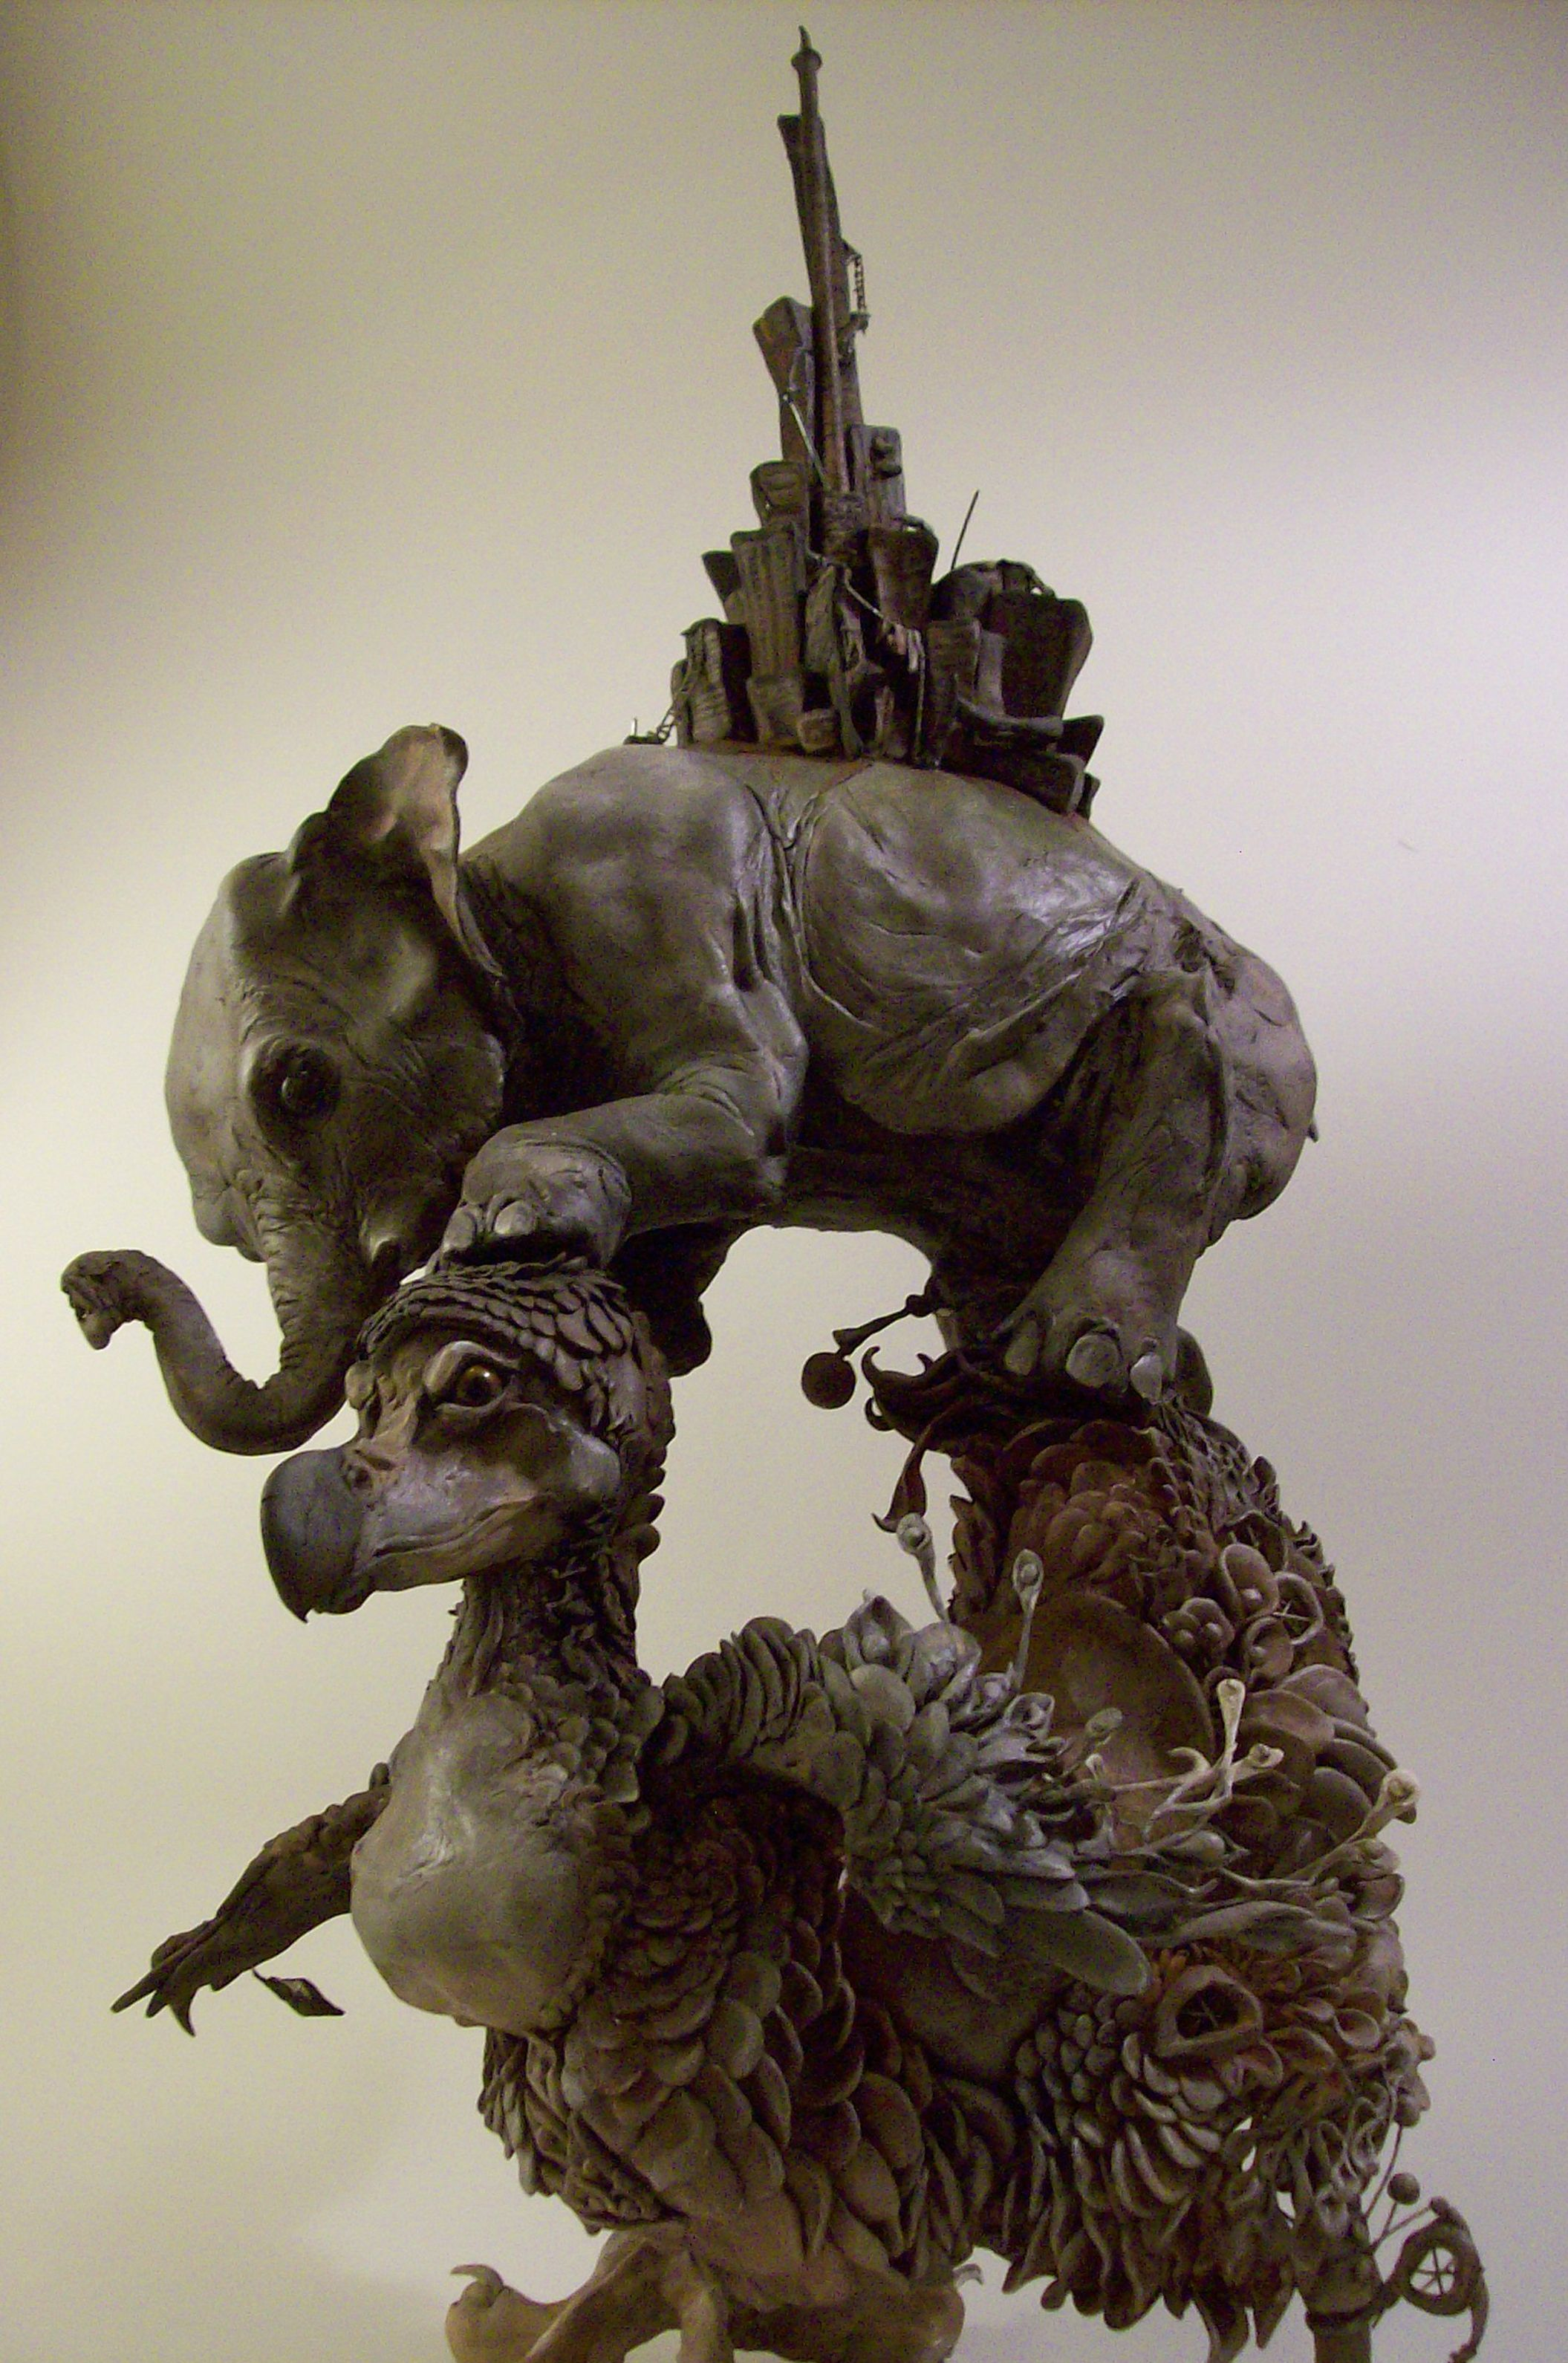 Natural History Surrealism Ellen Jewett Sculptures Httpswww - Surreal animal plant sculptures ellen jewett